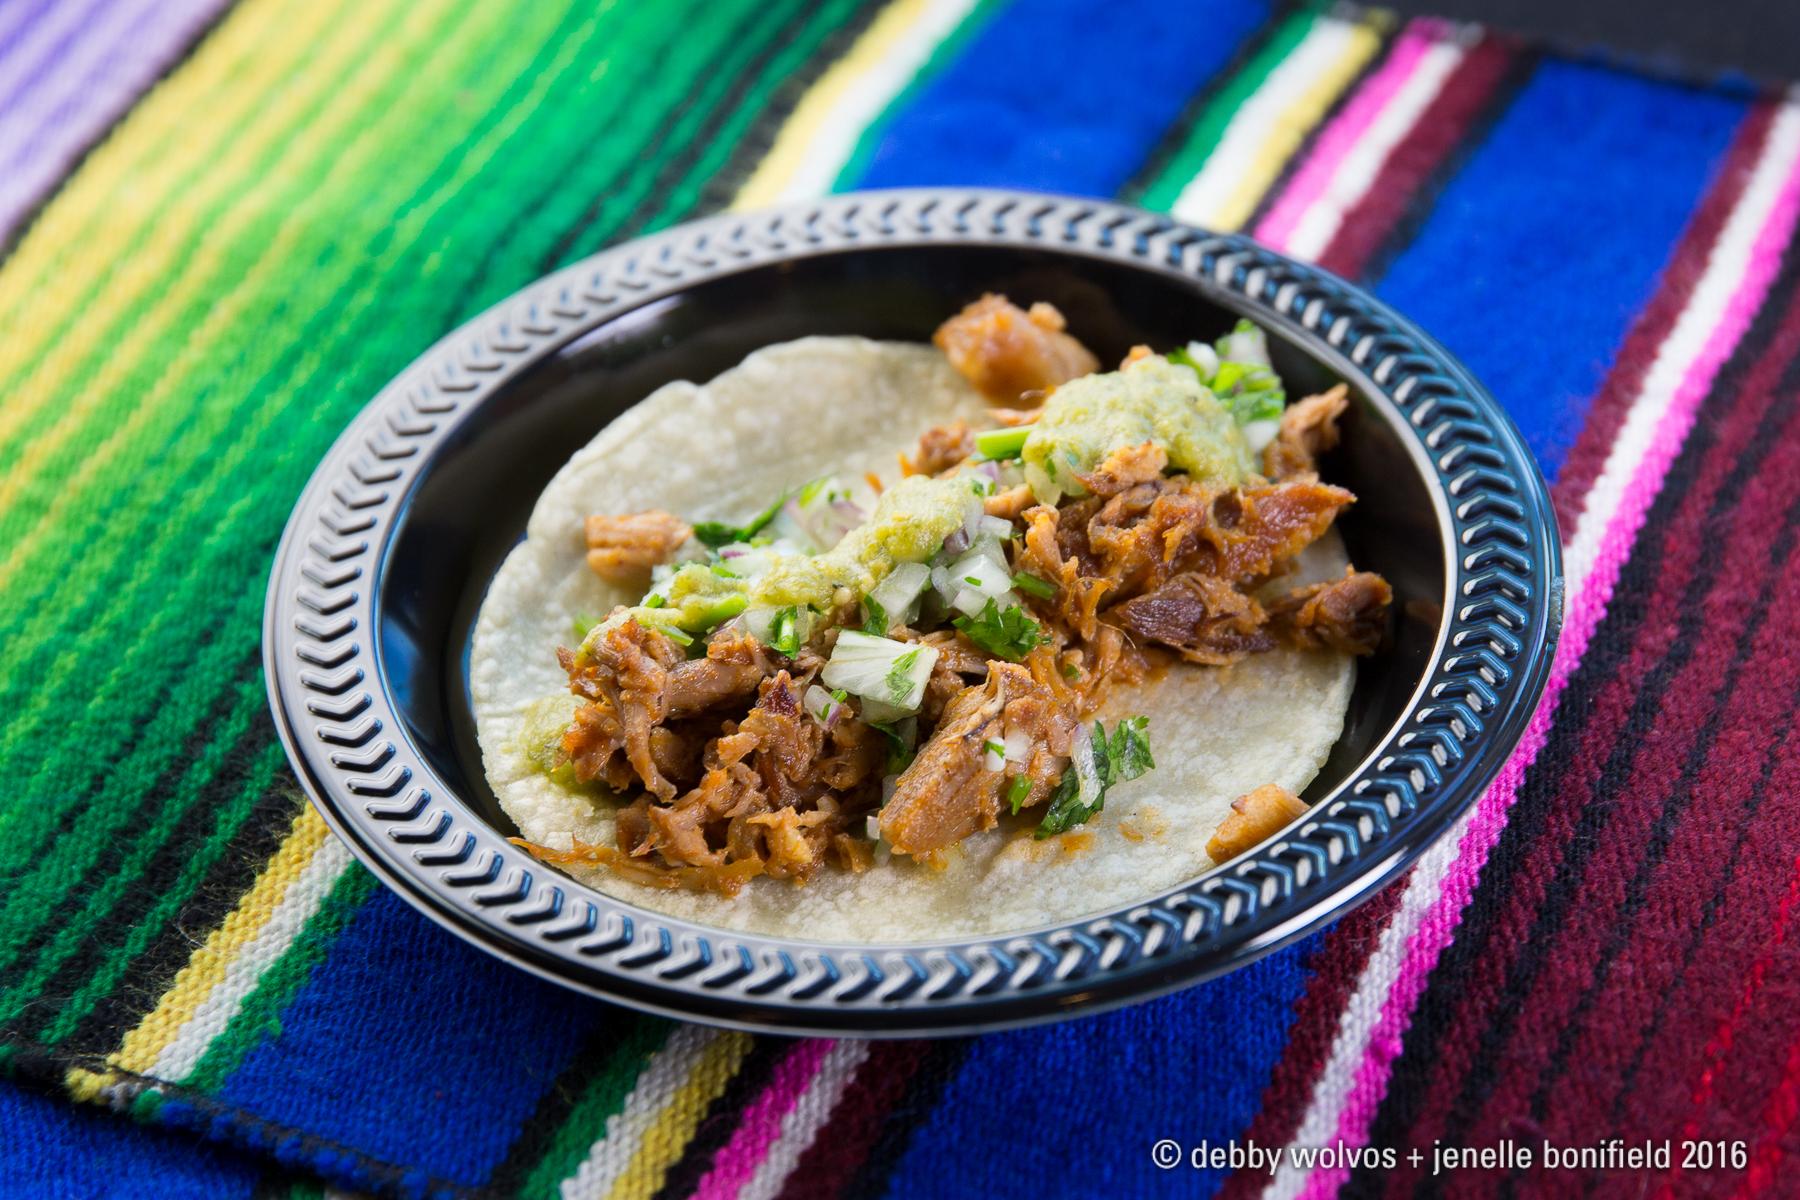 Carnitas taco with salsa verde - Calle Tepa